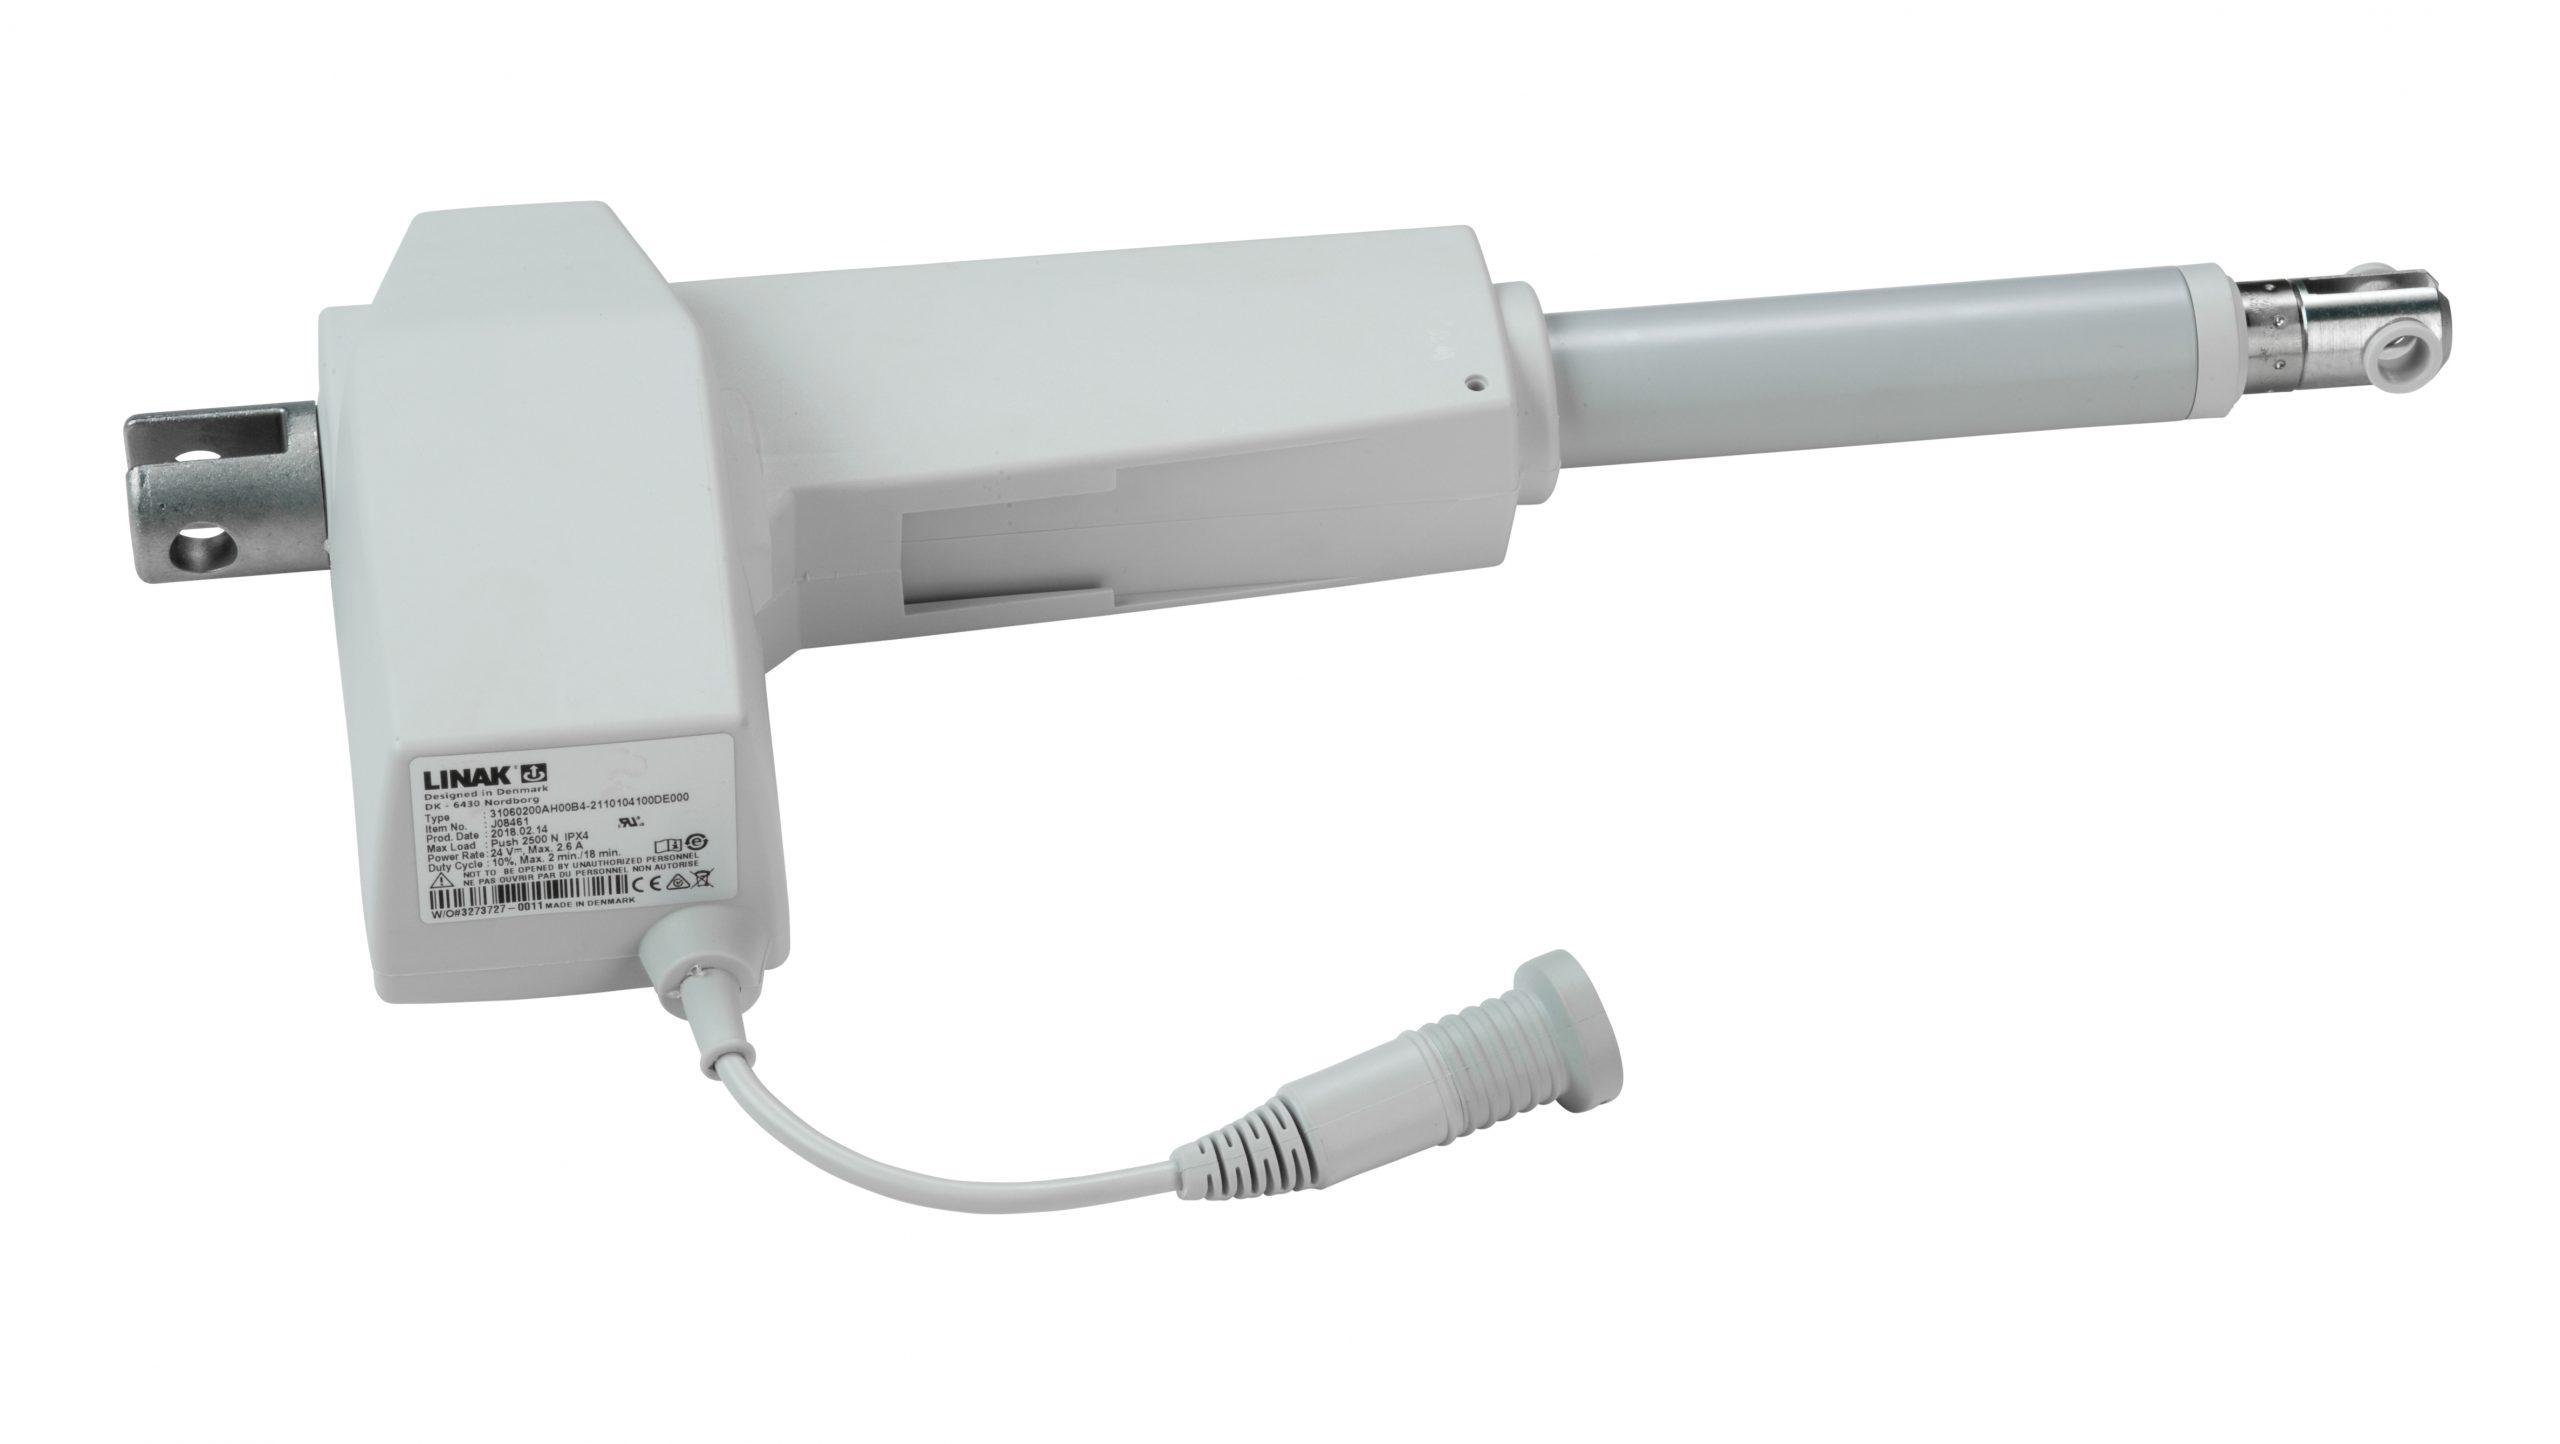 Linak LA31 – 2,500N Push – 200mm Stroke [Turned Trunnion]